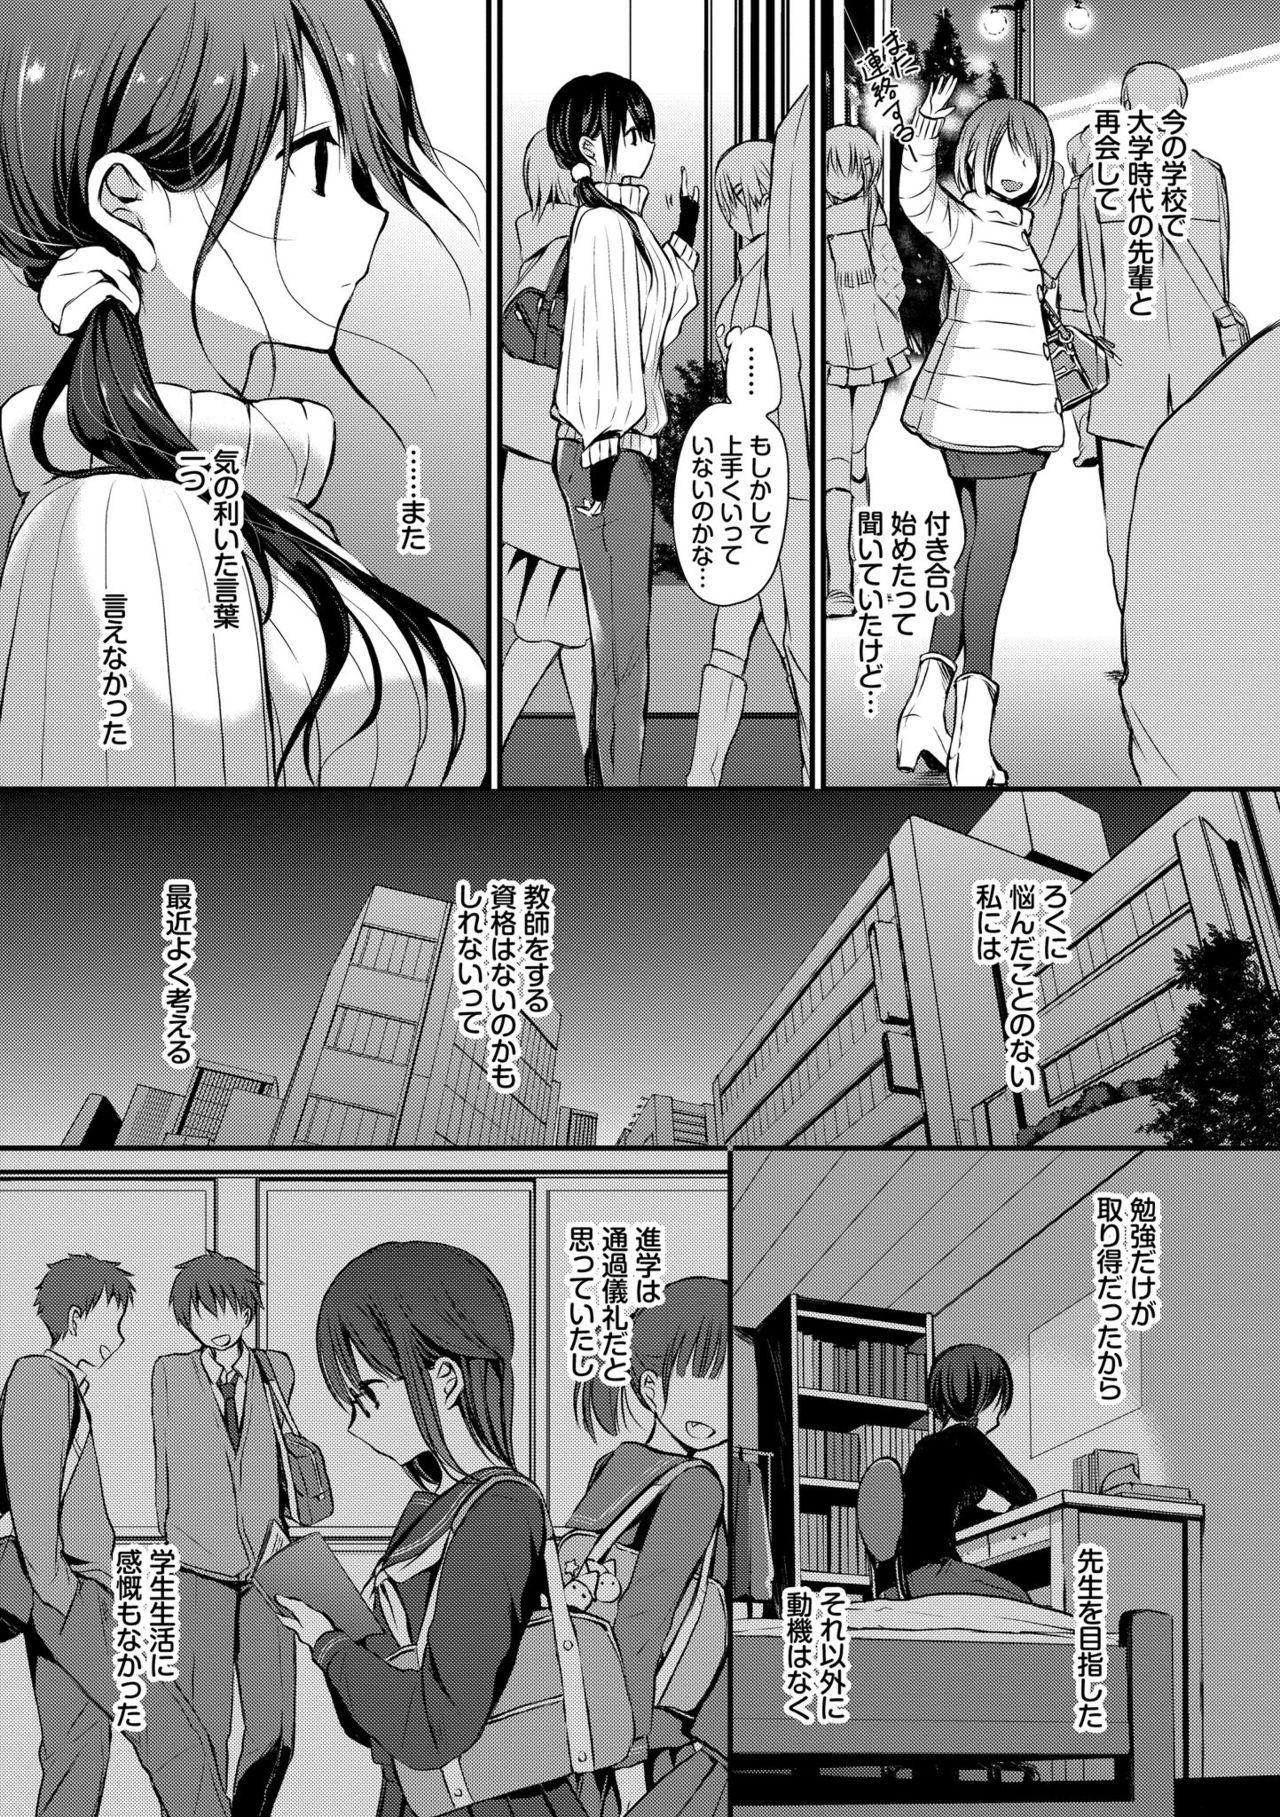 Suki No Uragawa 6